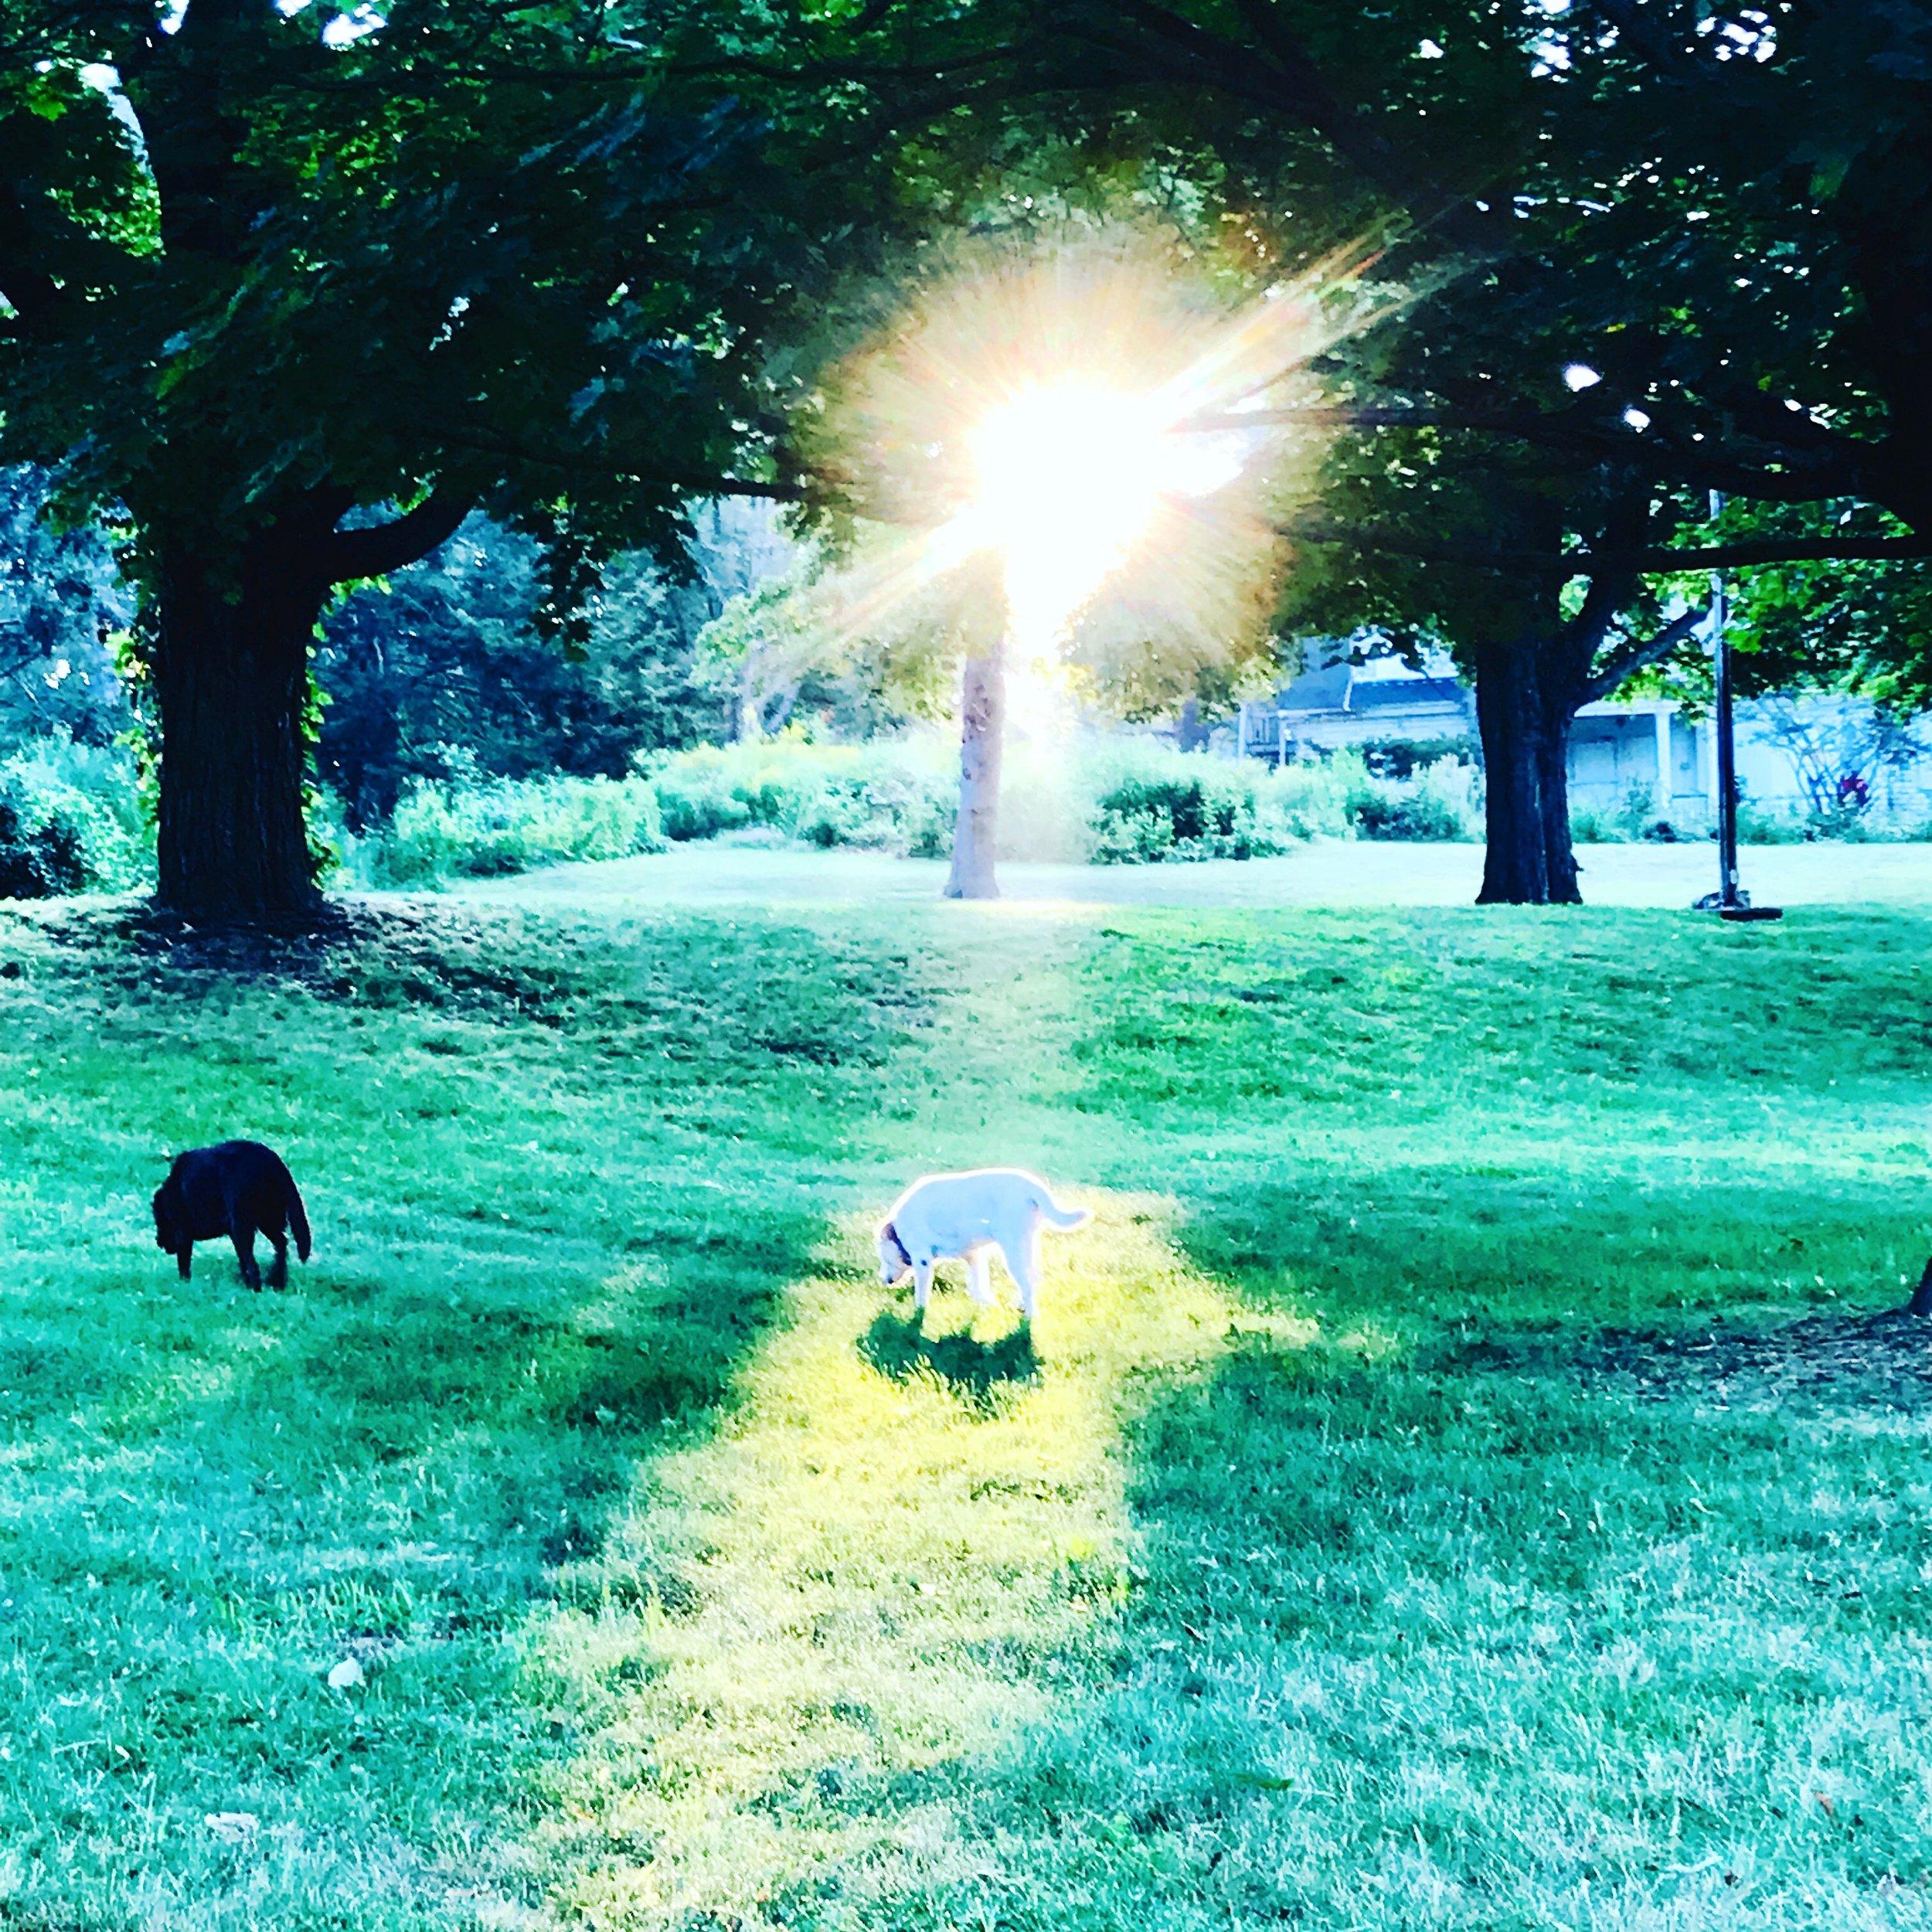 Suzi in the guiding light